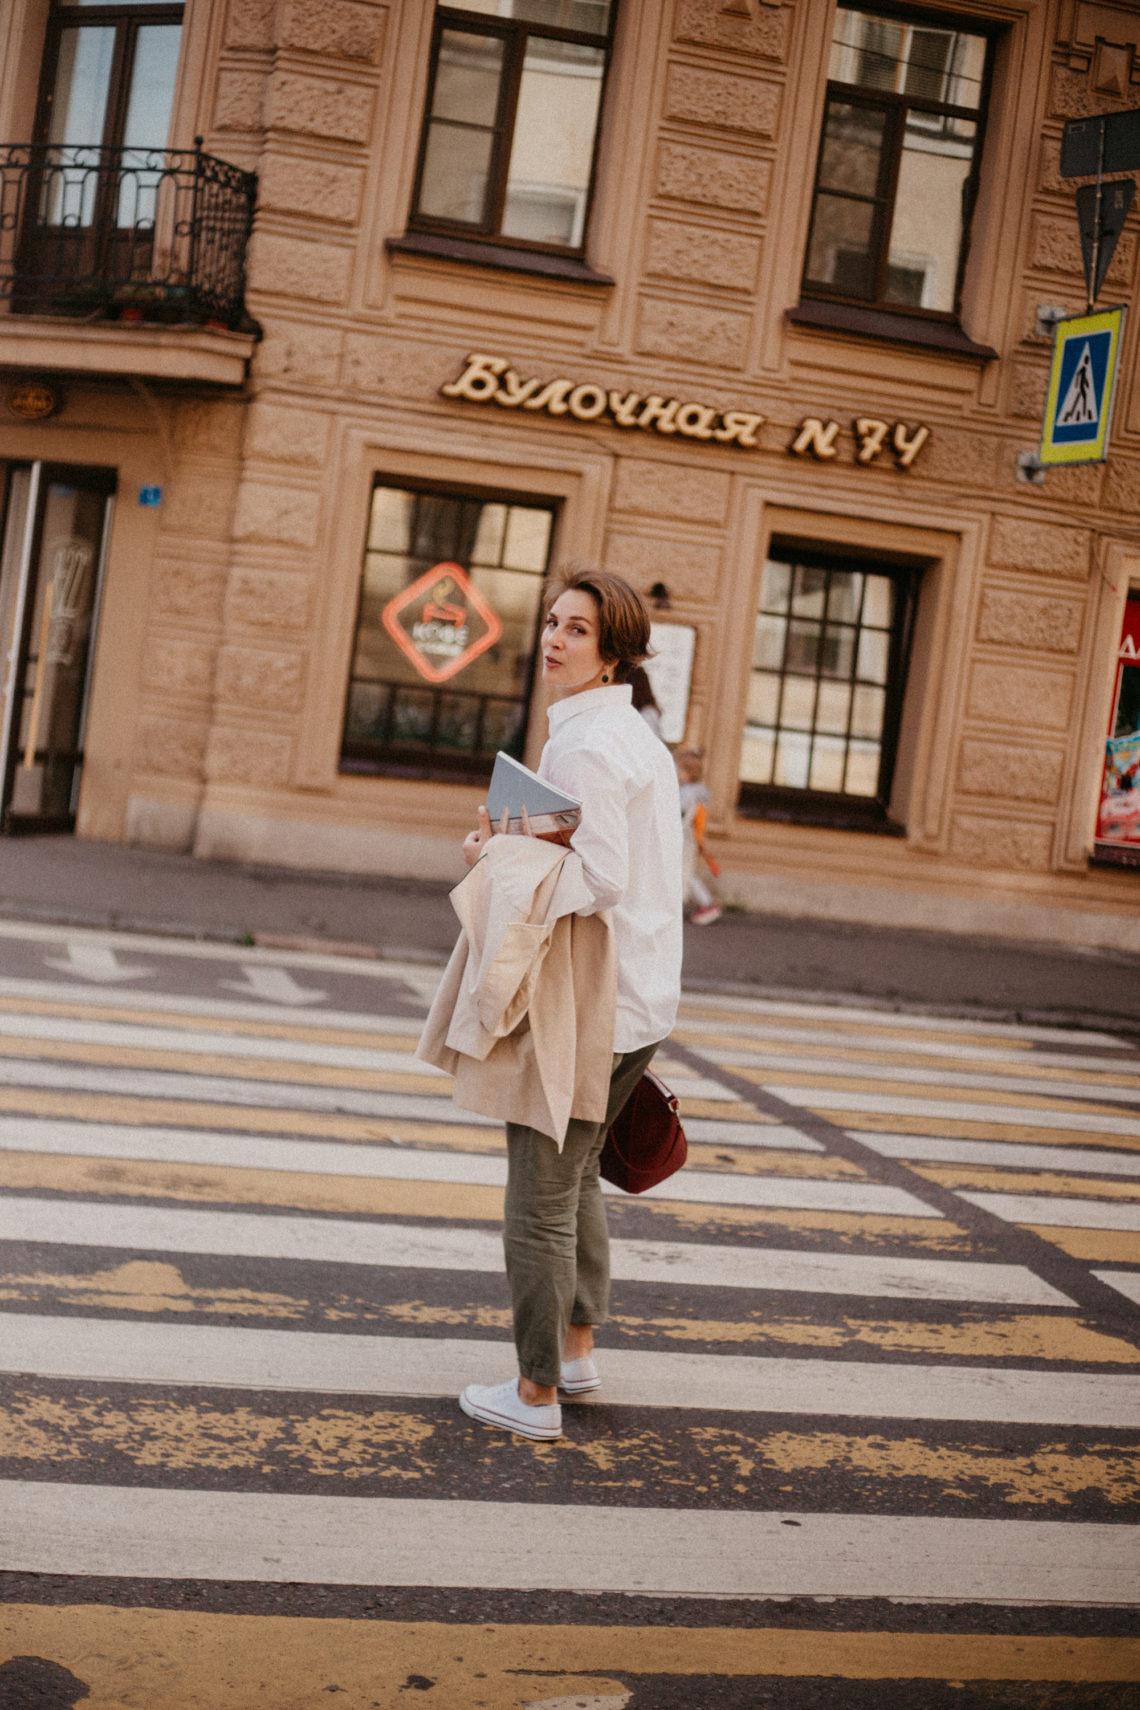 девушка оборачивается на пешеходном переходе